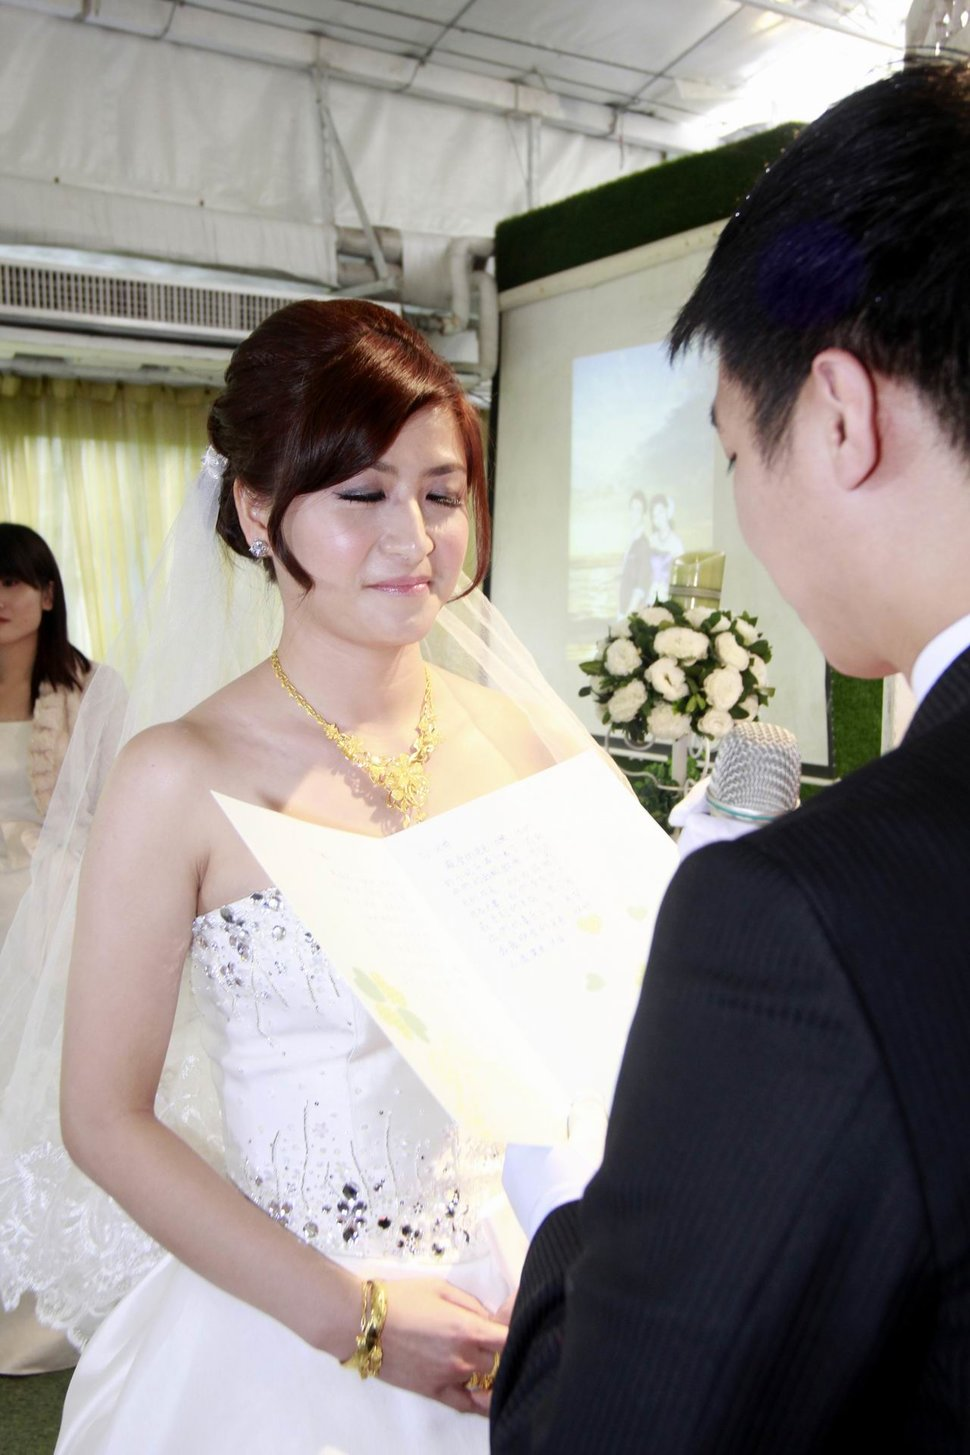 青青食尚花園會館婚禮記錄結婚迎娶婚禮記錄動態微電影錄影專業錄影平面攝影婚紗攝攝影婚禮主持人(編號:196744) - 蜜月拍照10800錄影12800攝影團隊 - 結婚吧